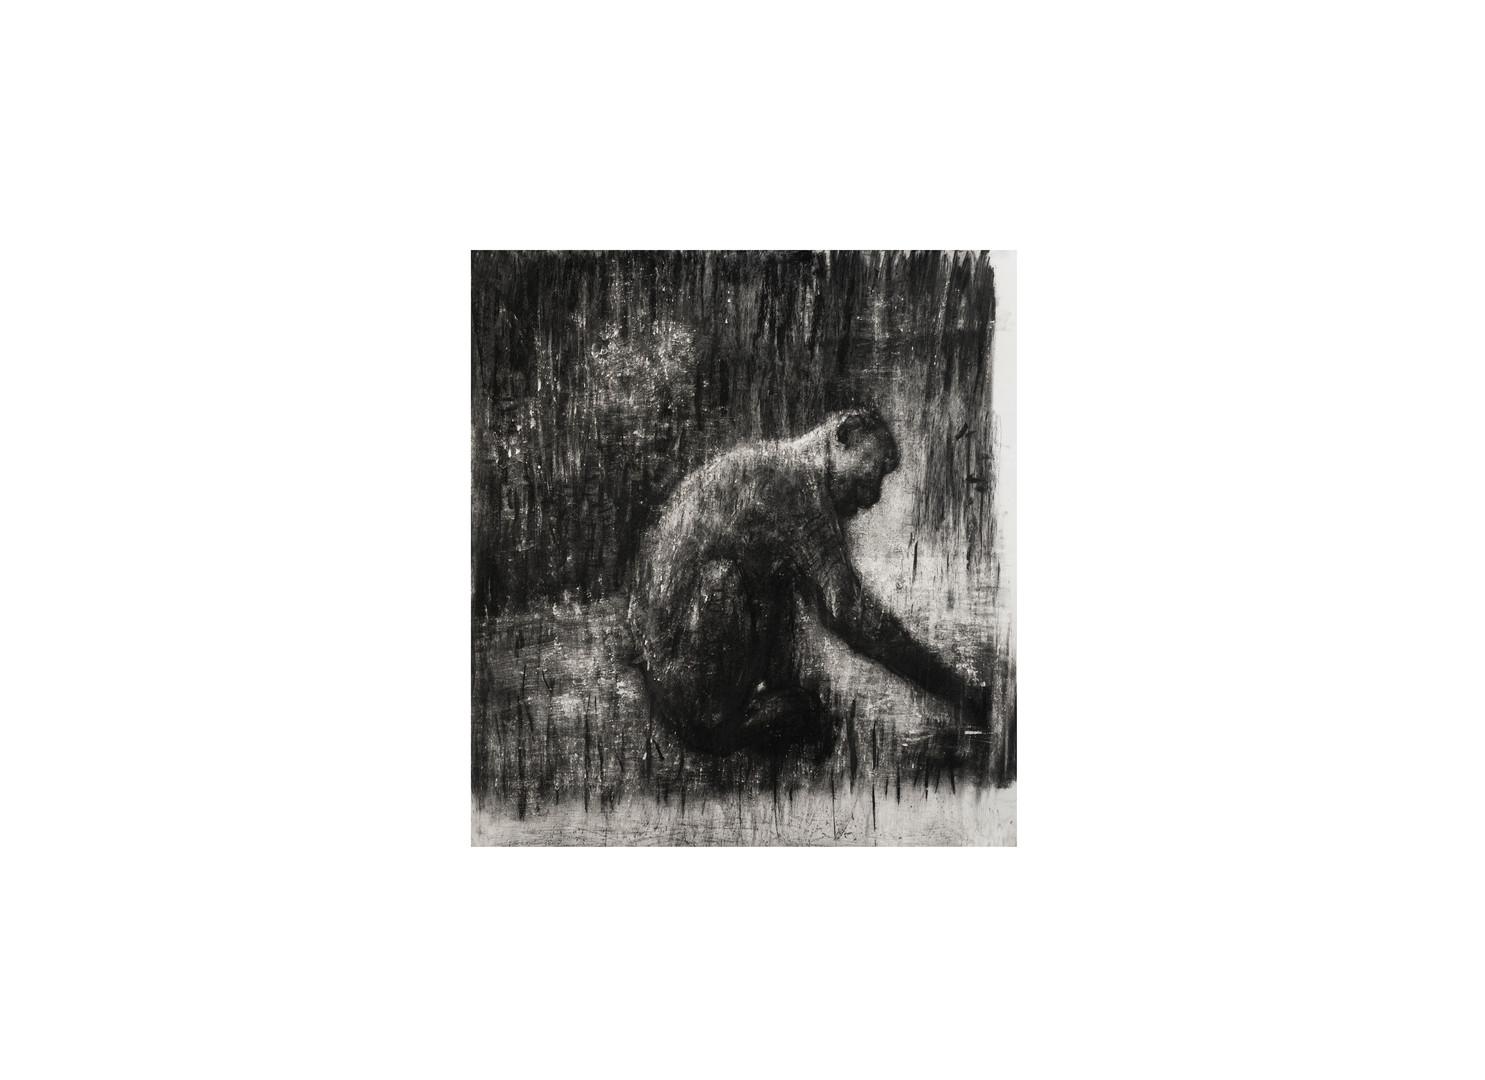 Johann Louw | Aap | 2017 | Charcoal on Paper | 130 x 120 cm